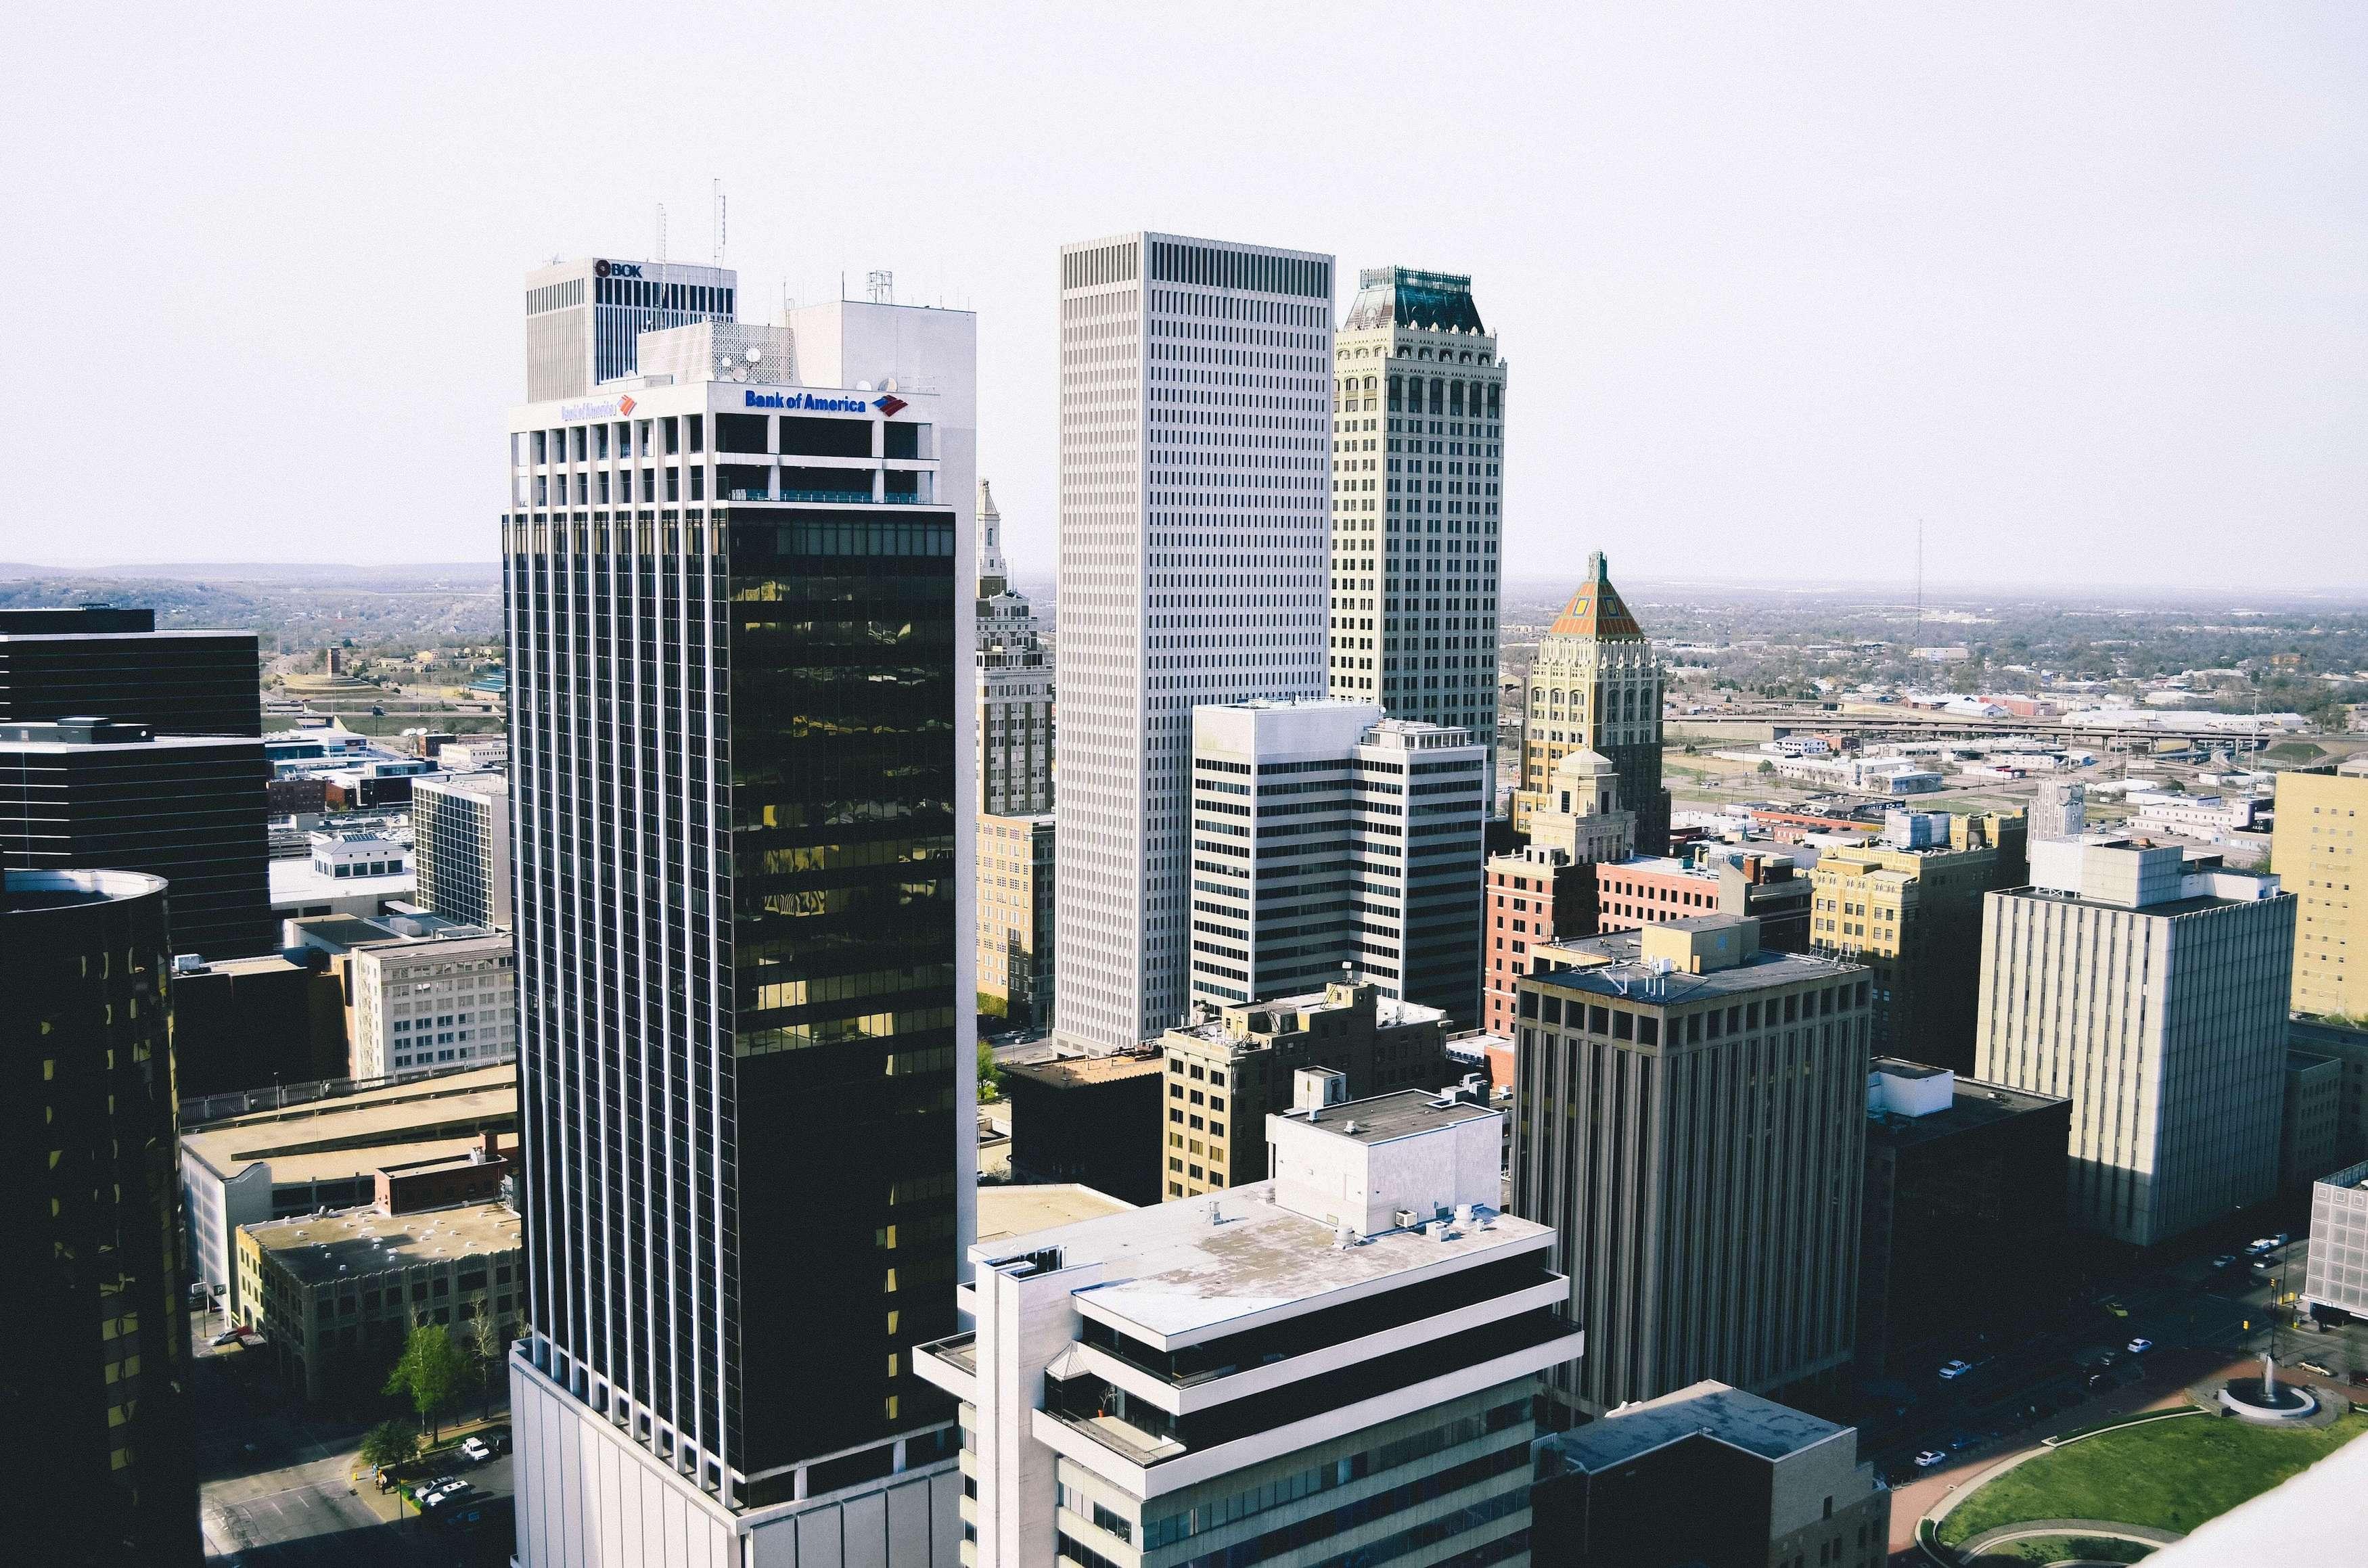 Scene from Tulsa